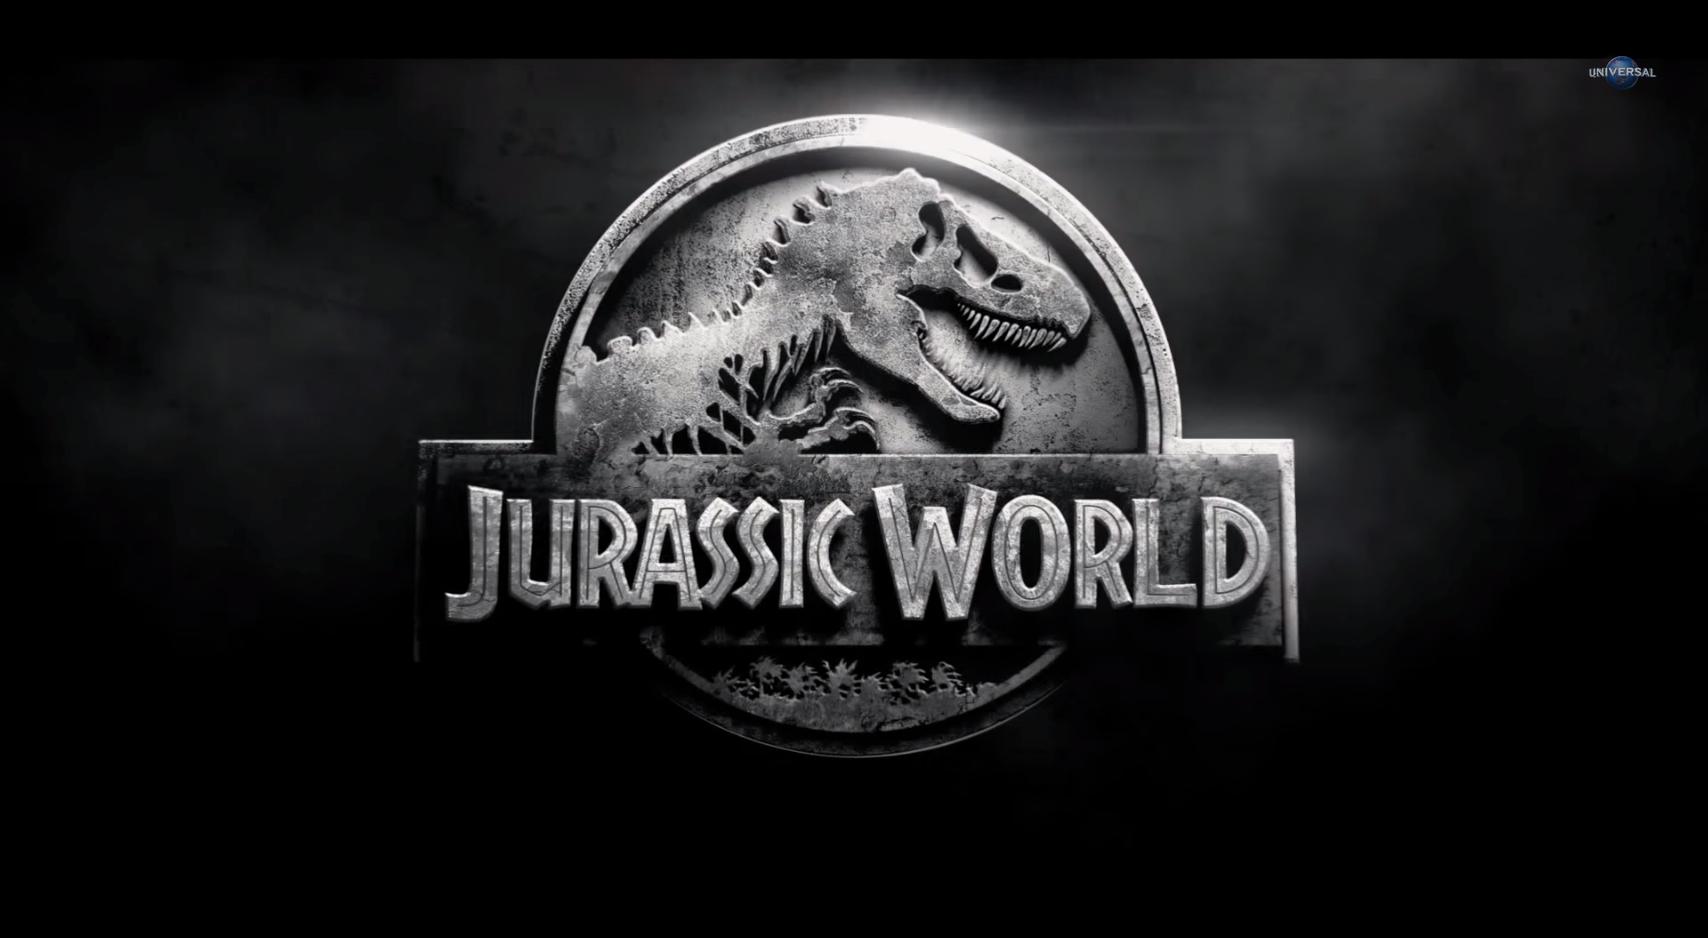 Jurassic World Teaser Trailer 2